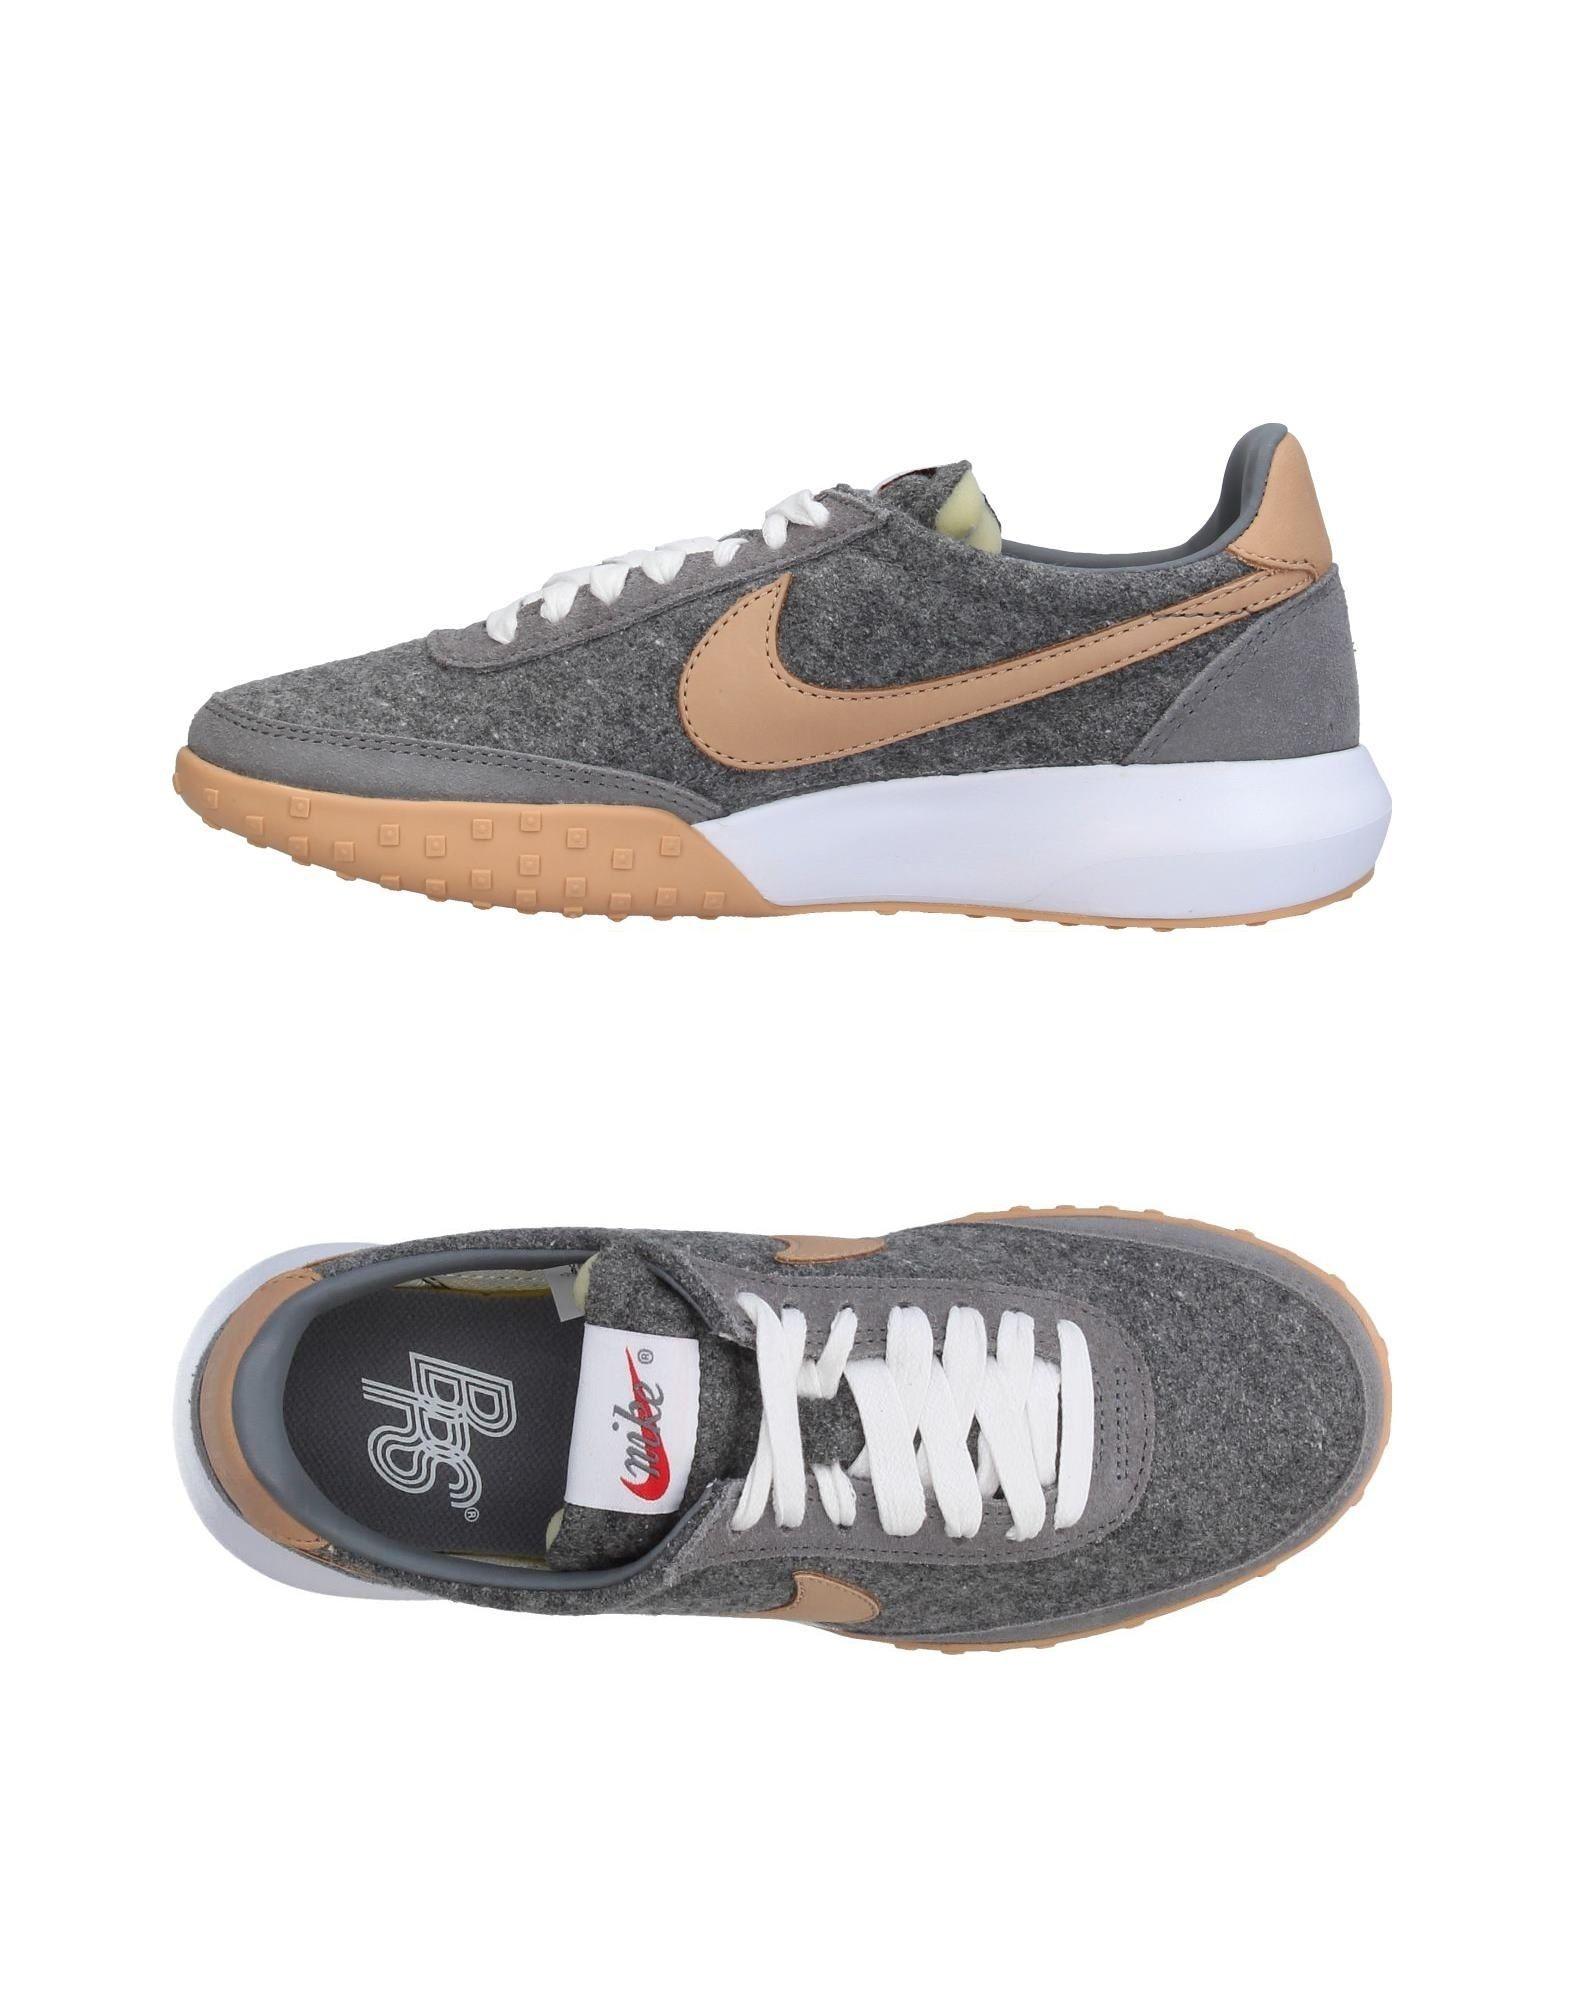 NIKE Damen Low Sneakers & Tennisschuhe Farbe Grau Größe 4 jetztbilligerkaufen